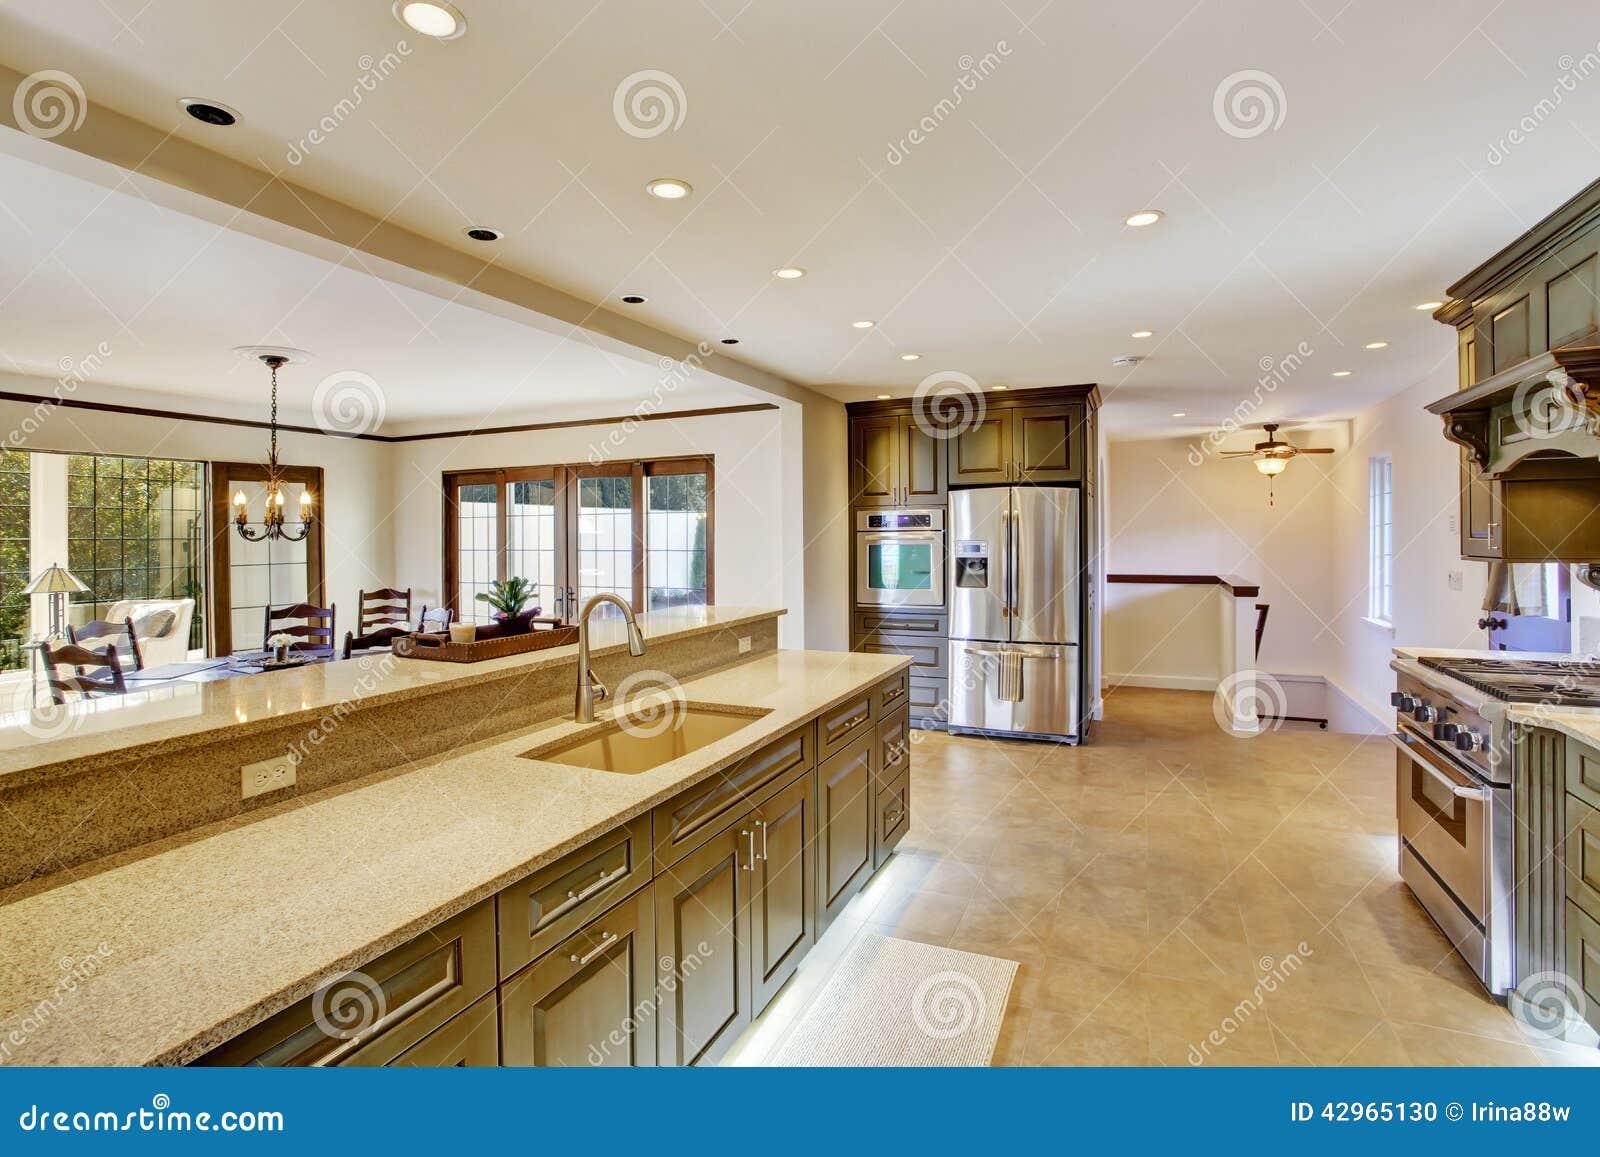 Int rieur kaki de luxe de cuisine avec la salle manger for Salle a manger de luxe moderne